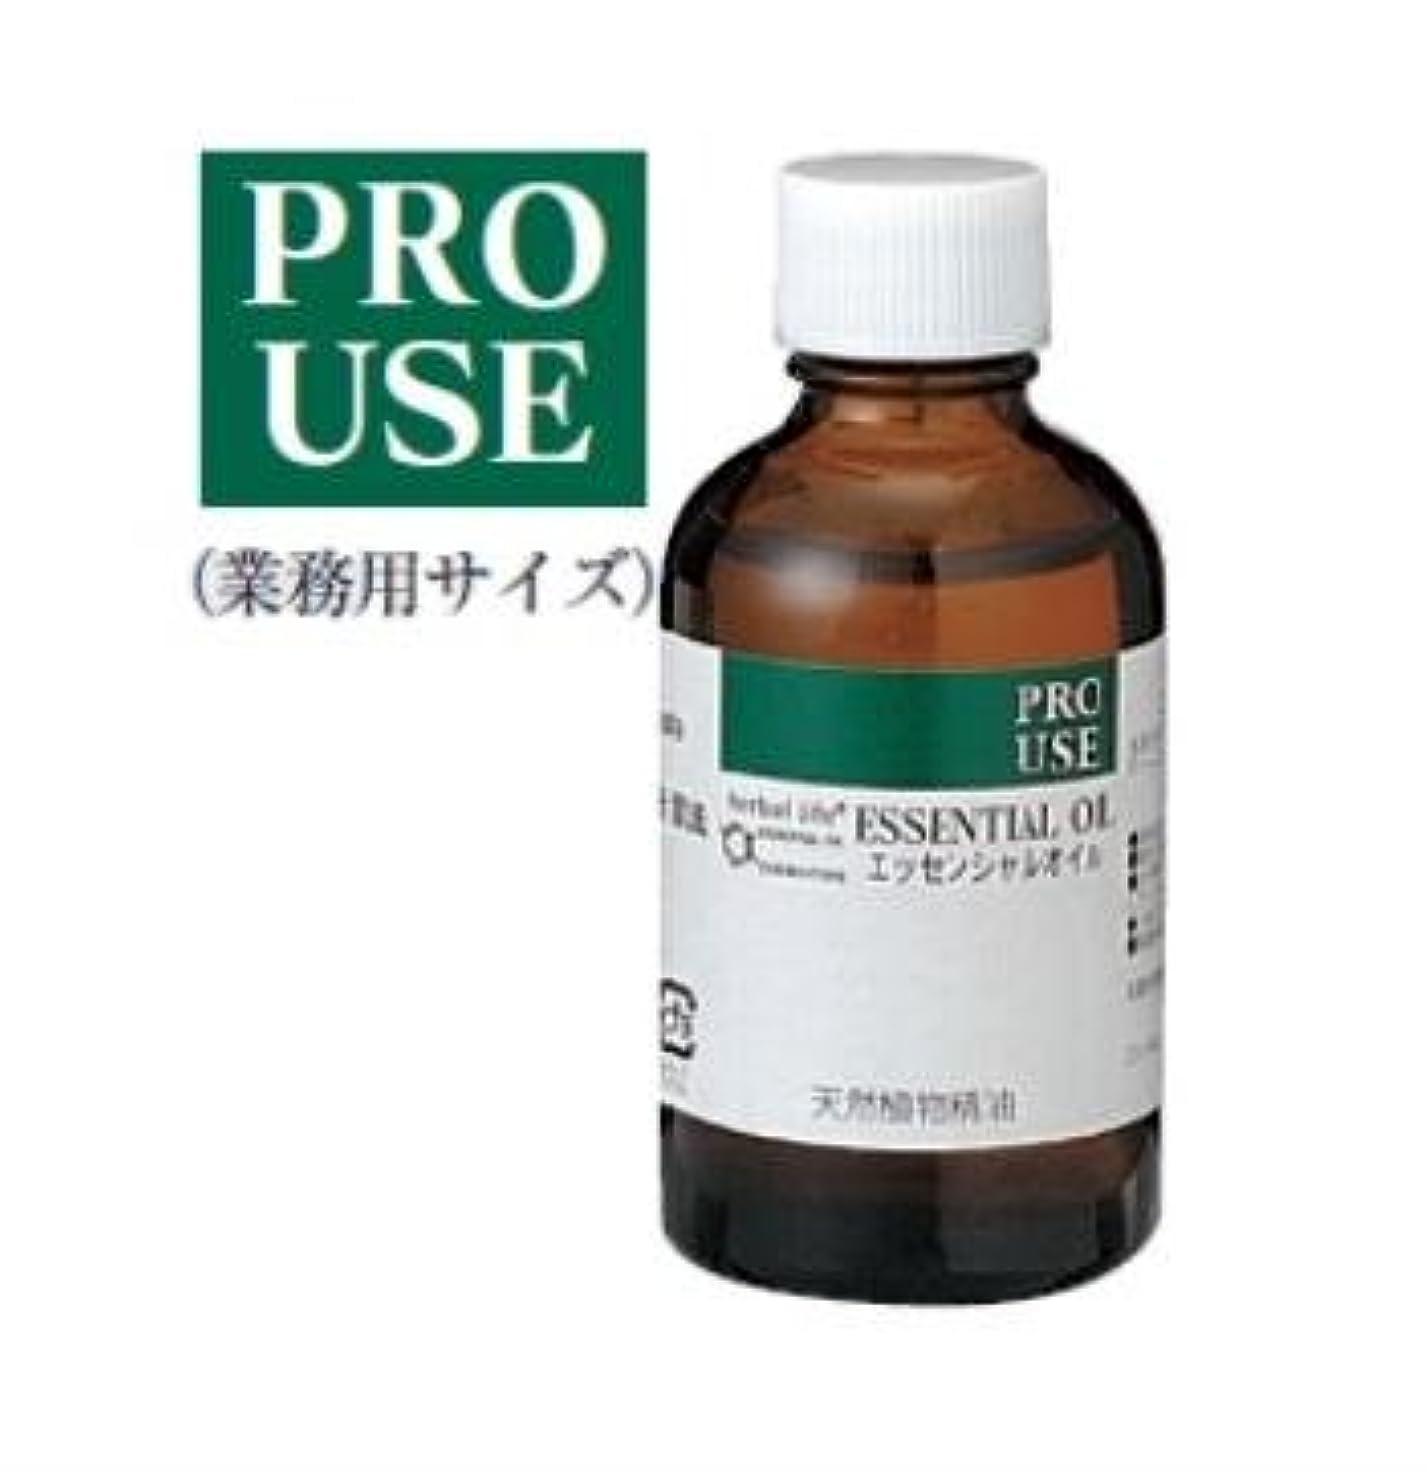 分析的組立連続的生活の木 エッセンシャルオイル フランキンセンス (オリバナム/乳香) 精油 50ml アロマオイル アロマ